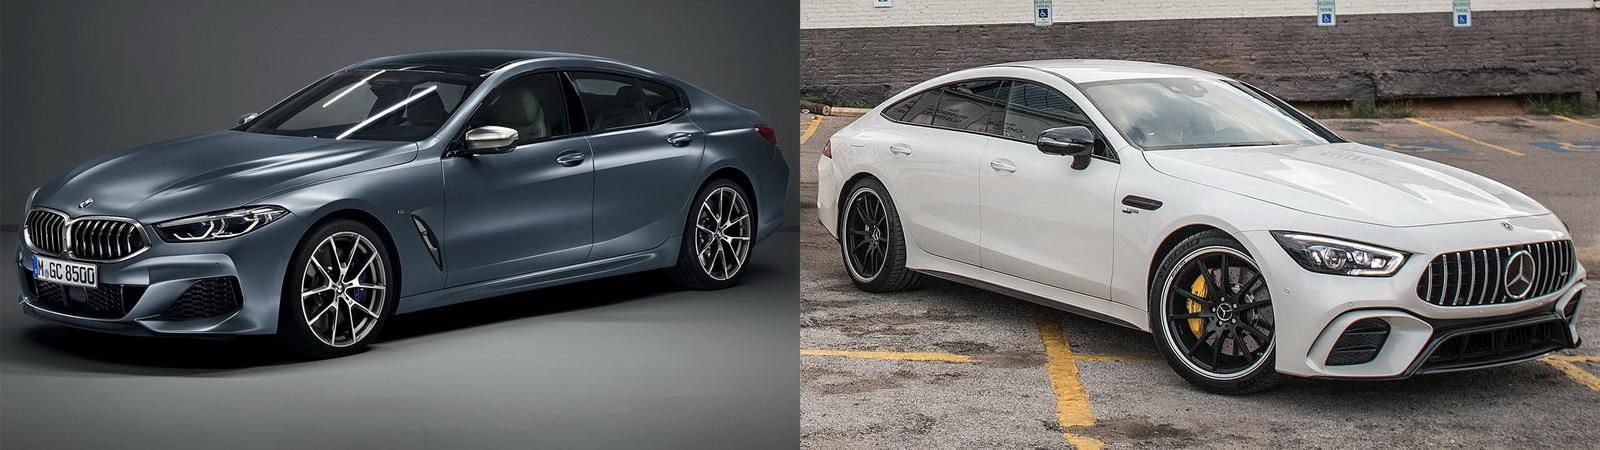 圖/BMW Gran Coupe M850i與M-Benz AMG GT Coupe 53 豪華四門跑車之高手過招。